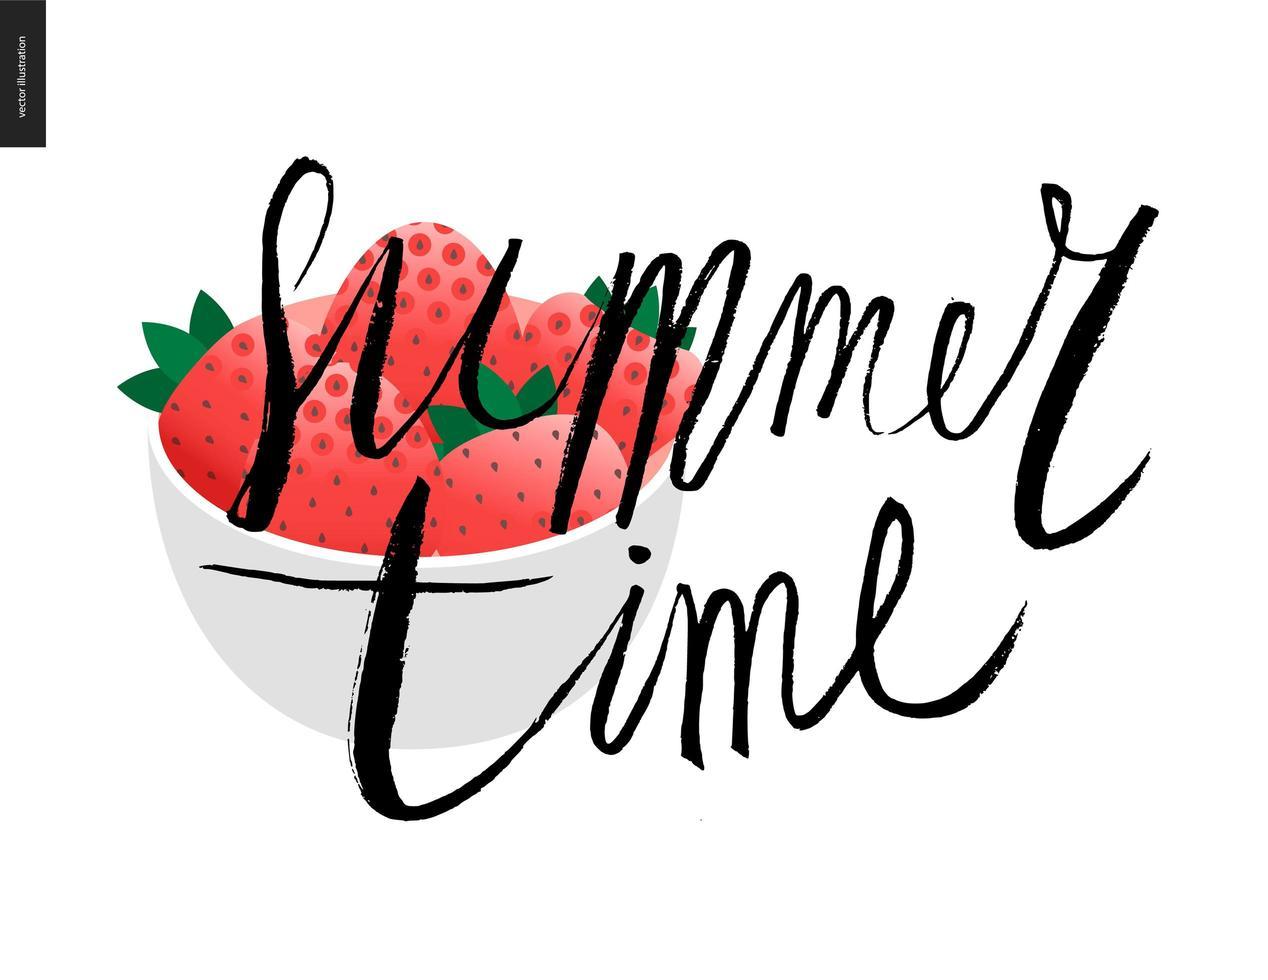 letras de horário de verão e uma tigela de morango vetor